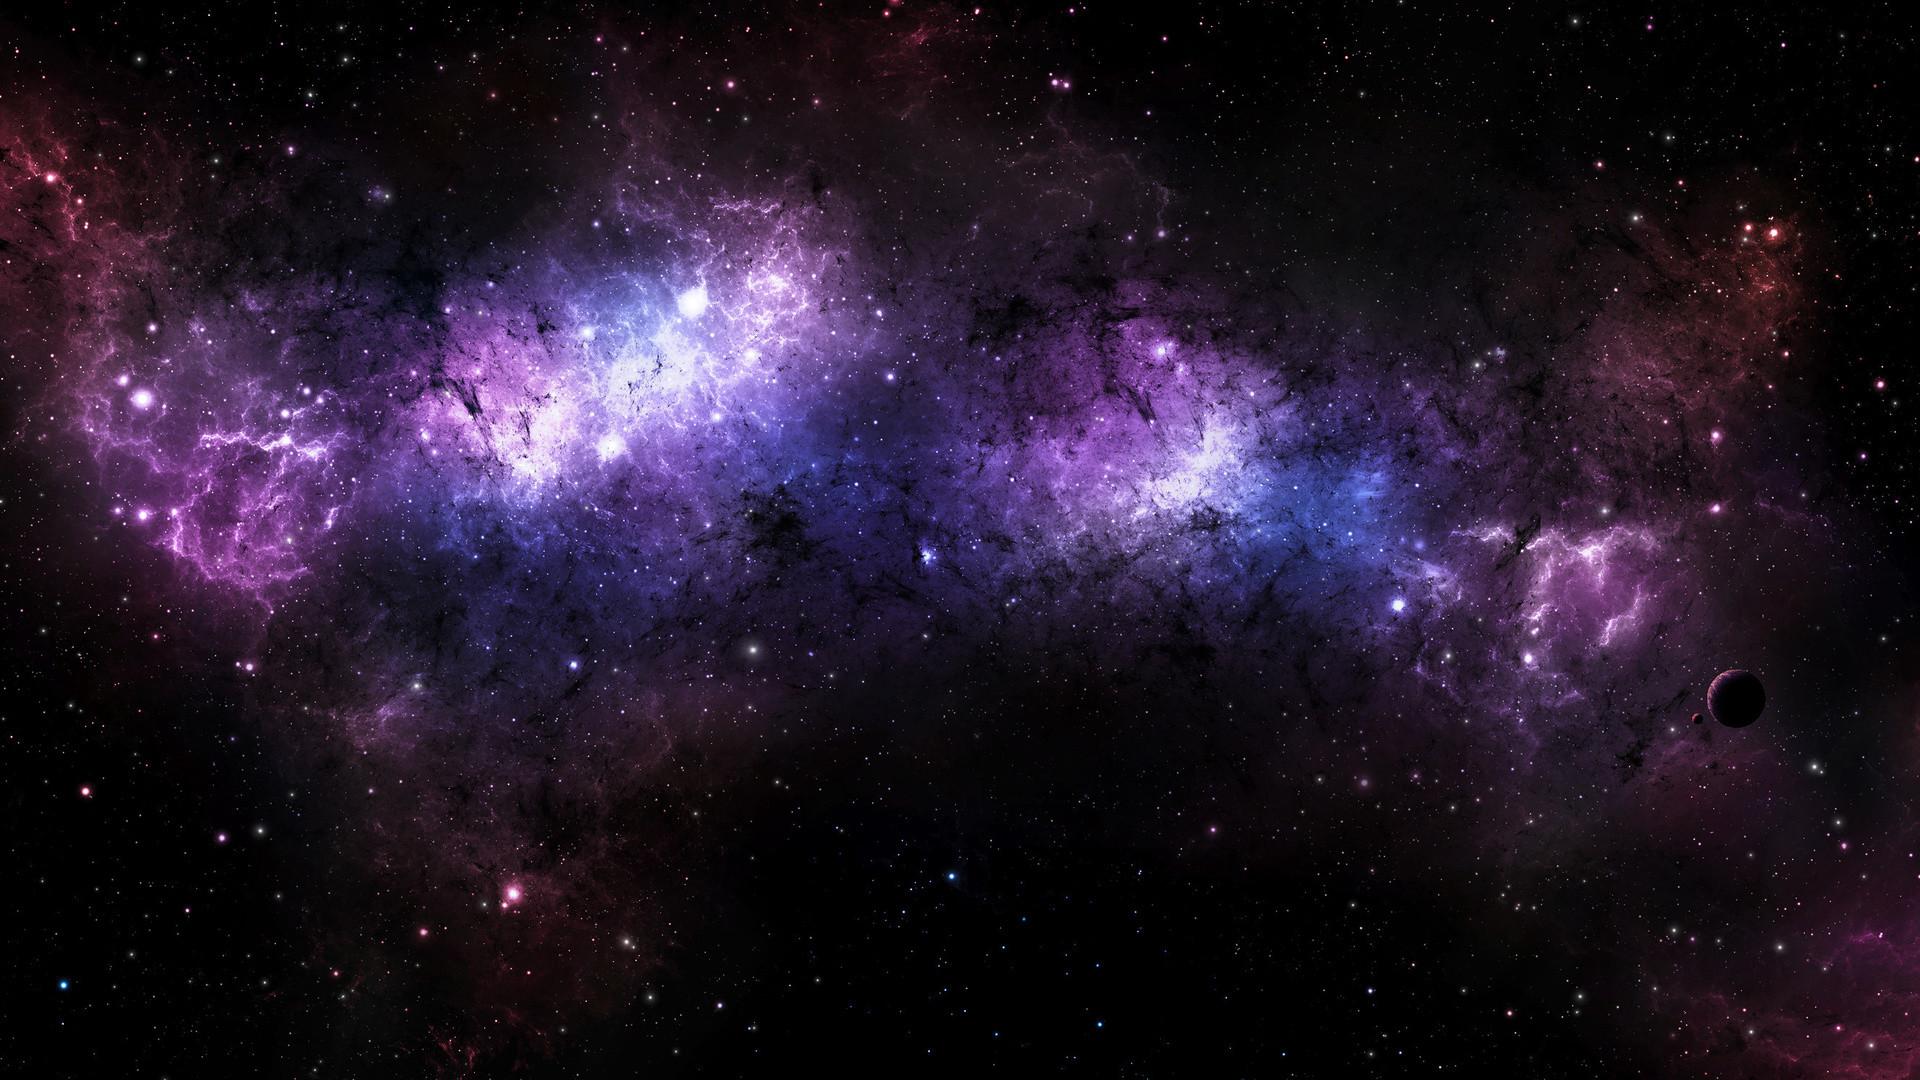 HD Galaxy Wallpaper Tumblr Free Downlaod.